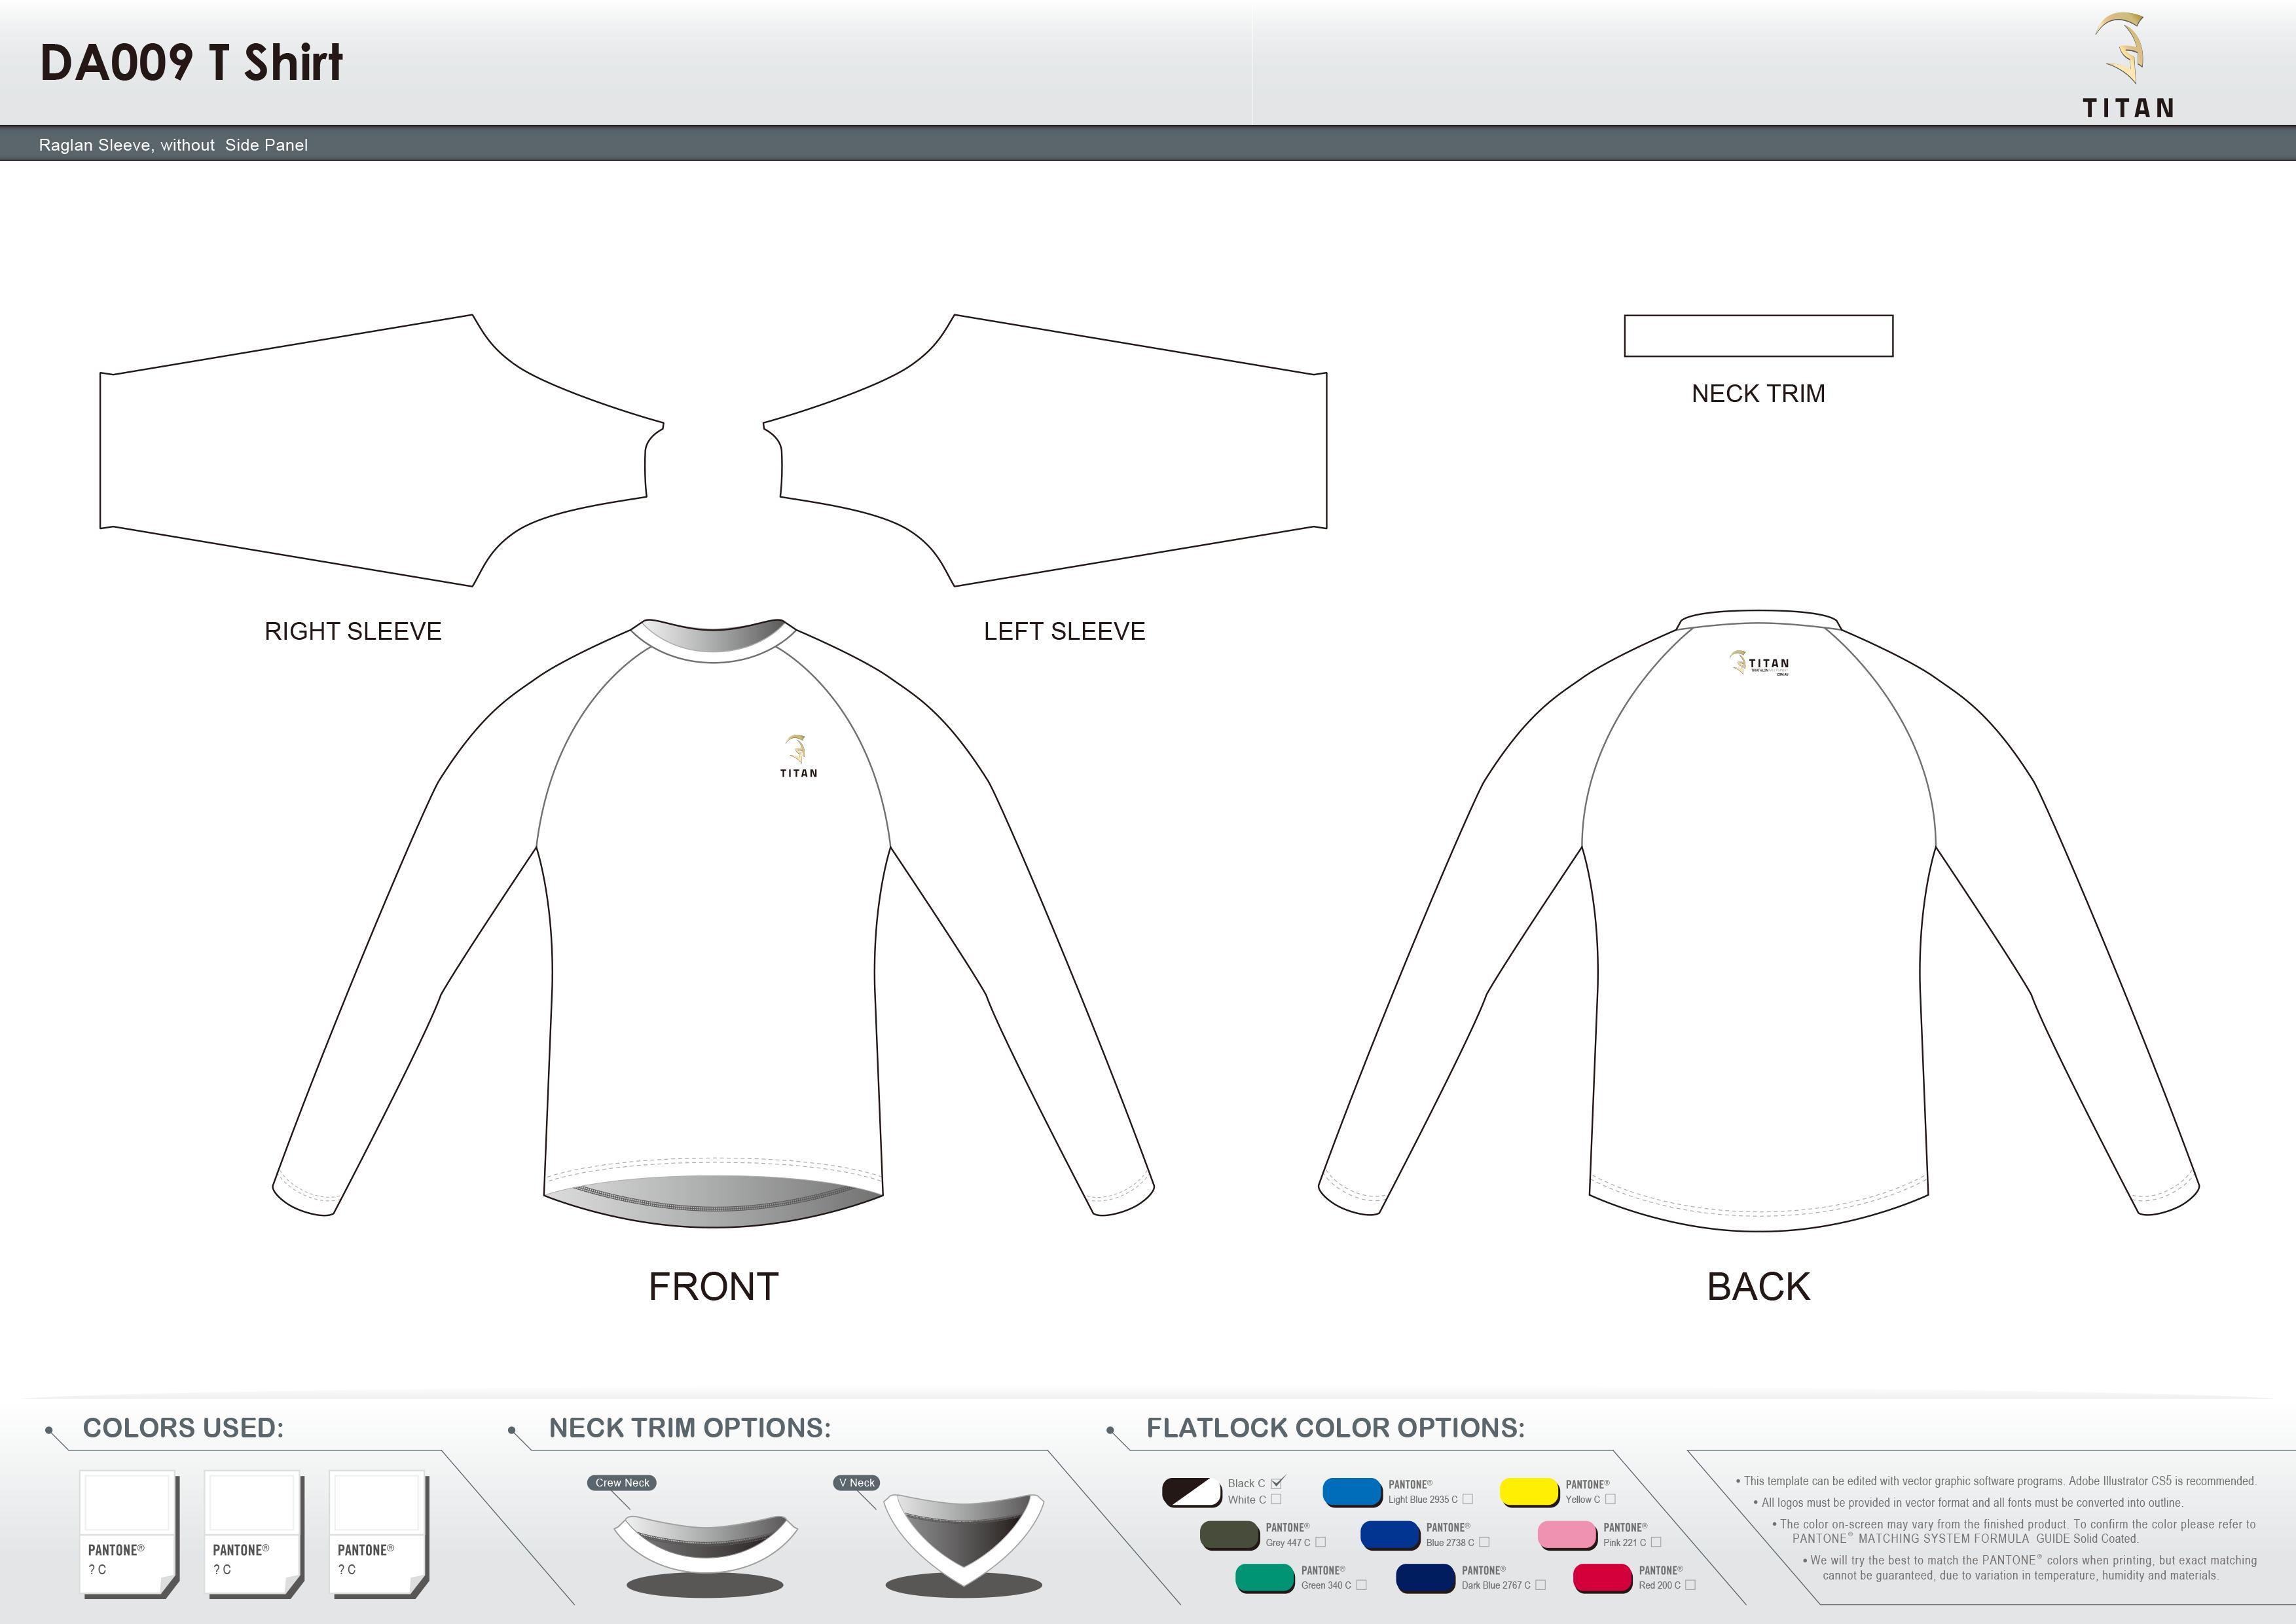 DA009 T Shirt